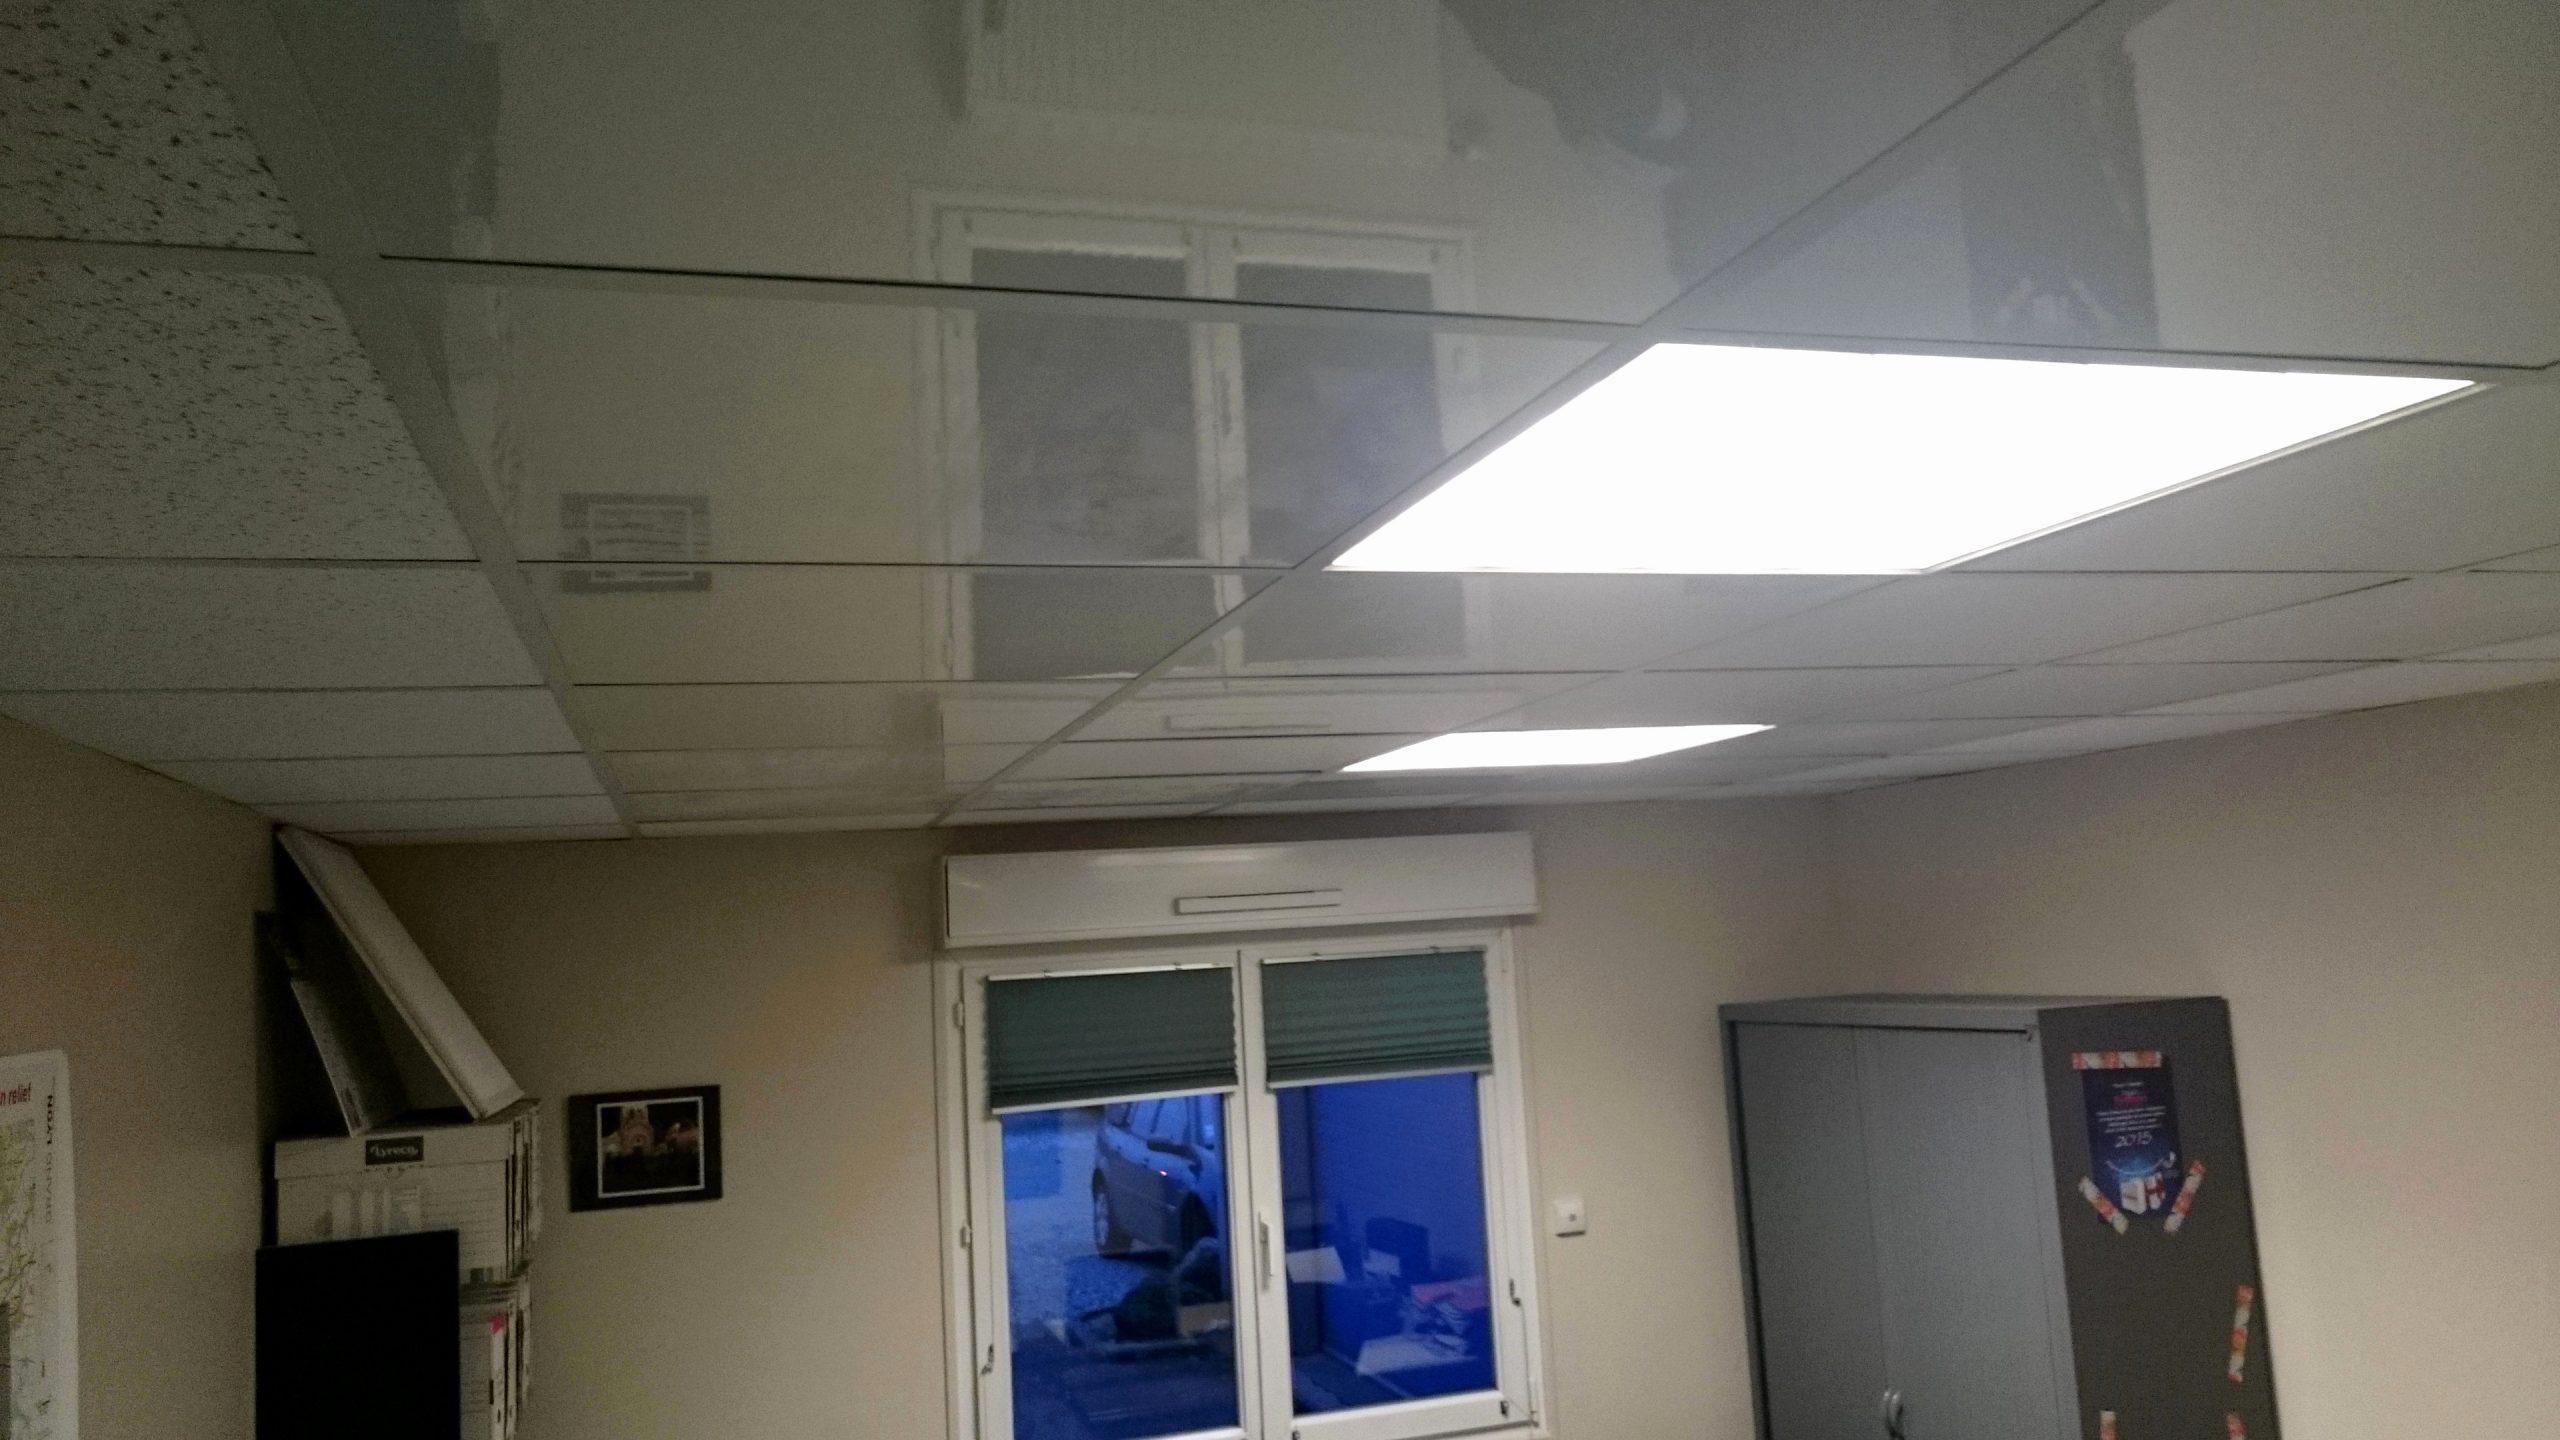 Dalle Plafond 60X60 Unique Dalle Plafond Brico Depot Dalle ... serapportantà Dalle Plafond 60X60 Brico Dépôt